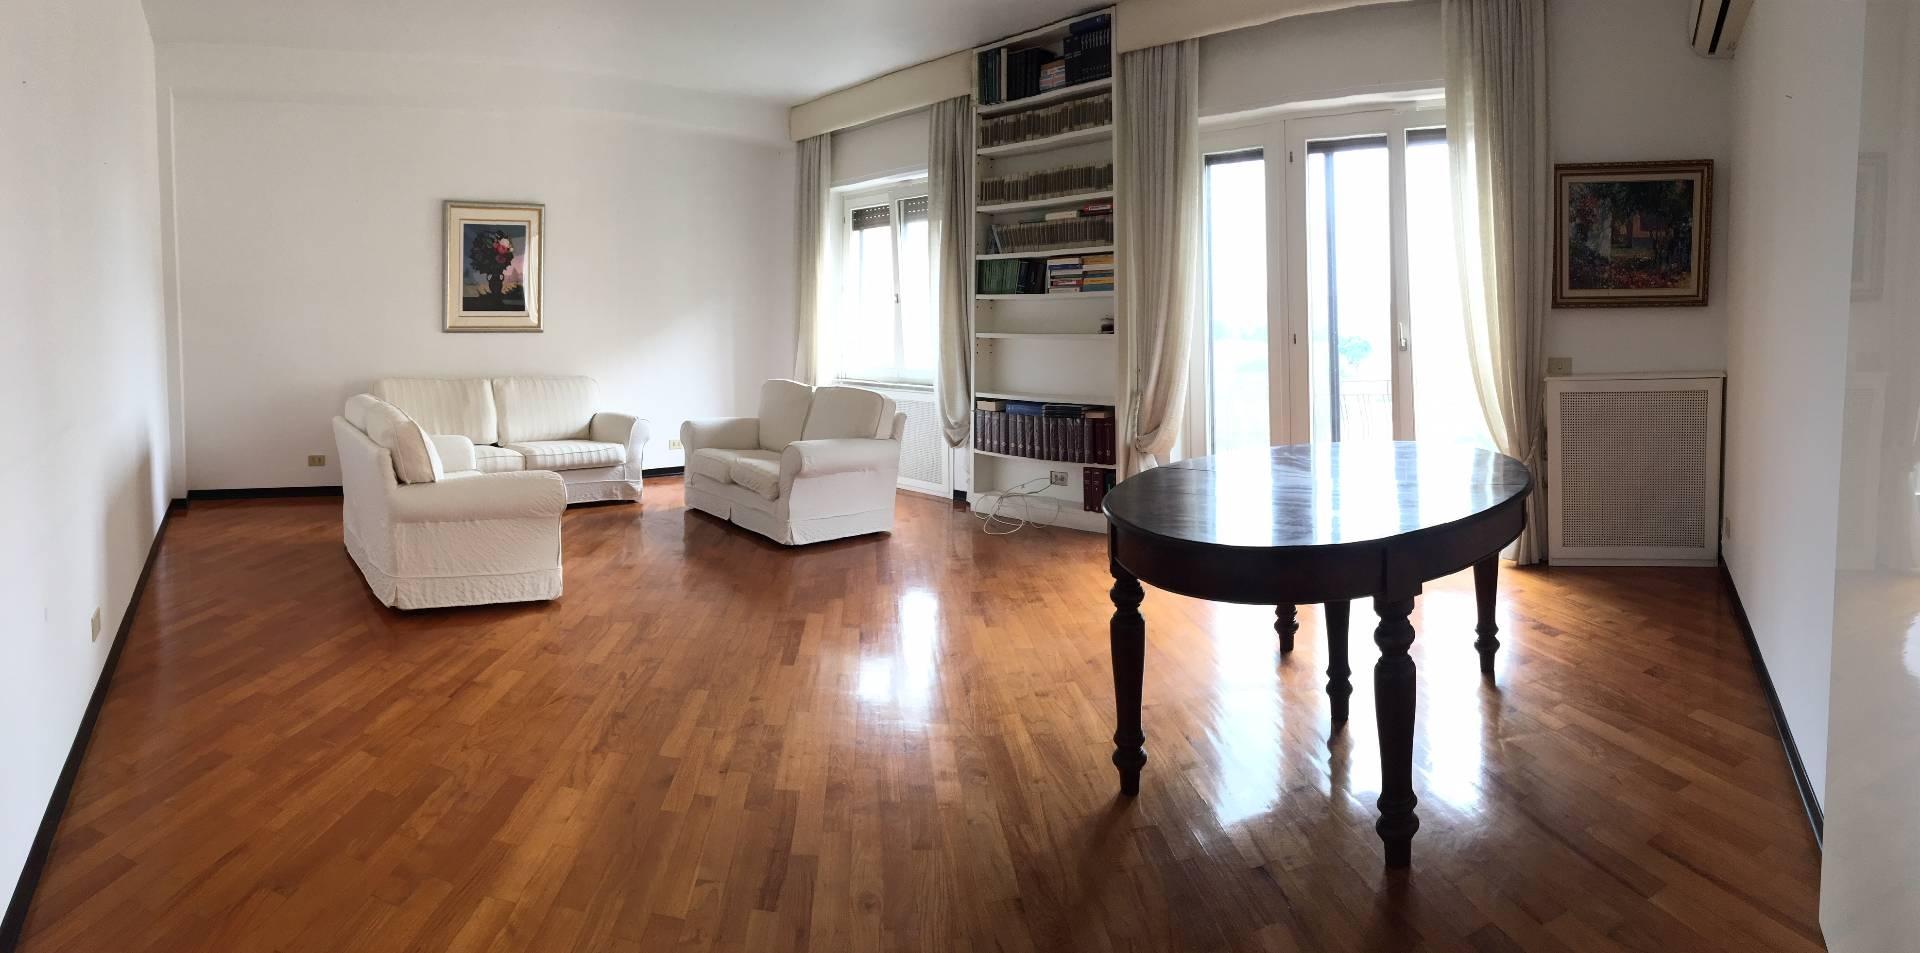 vendita appartamento catanzaro via madonna dei cieli  160000 euro  4 locali  130 mq